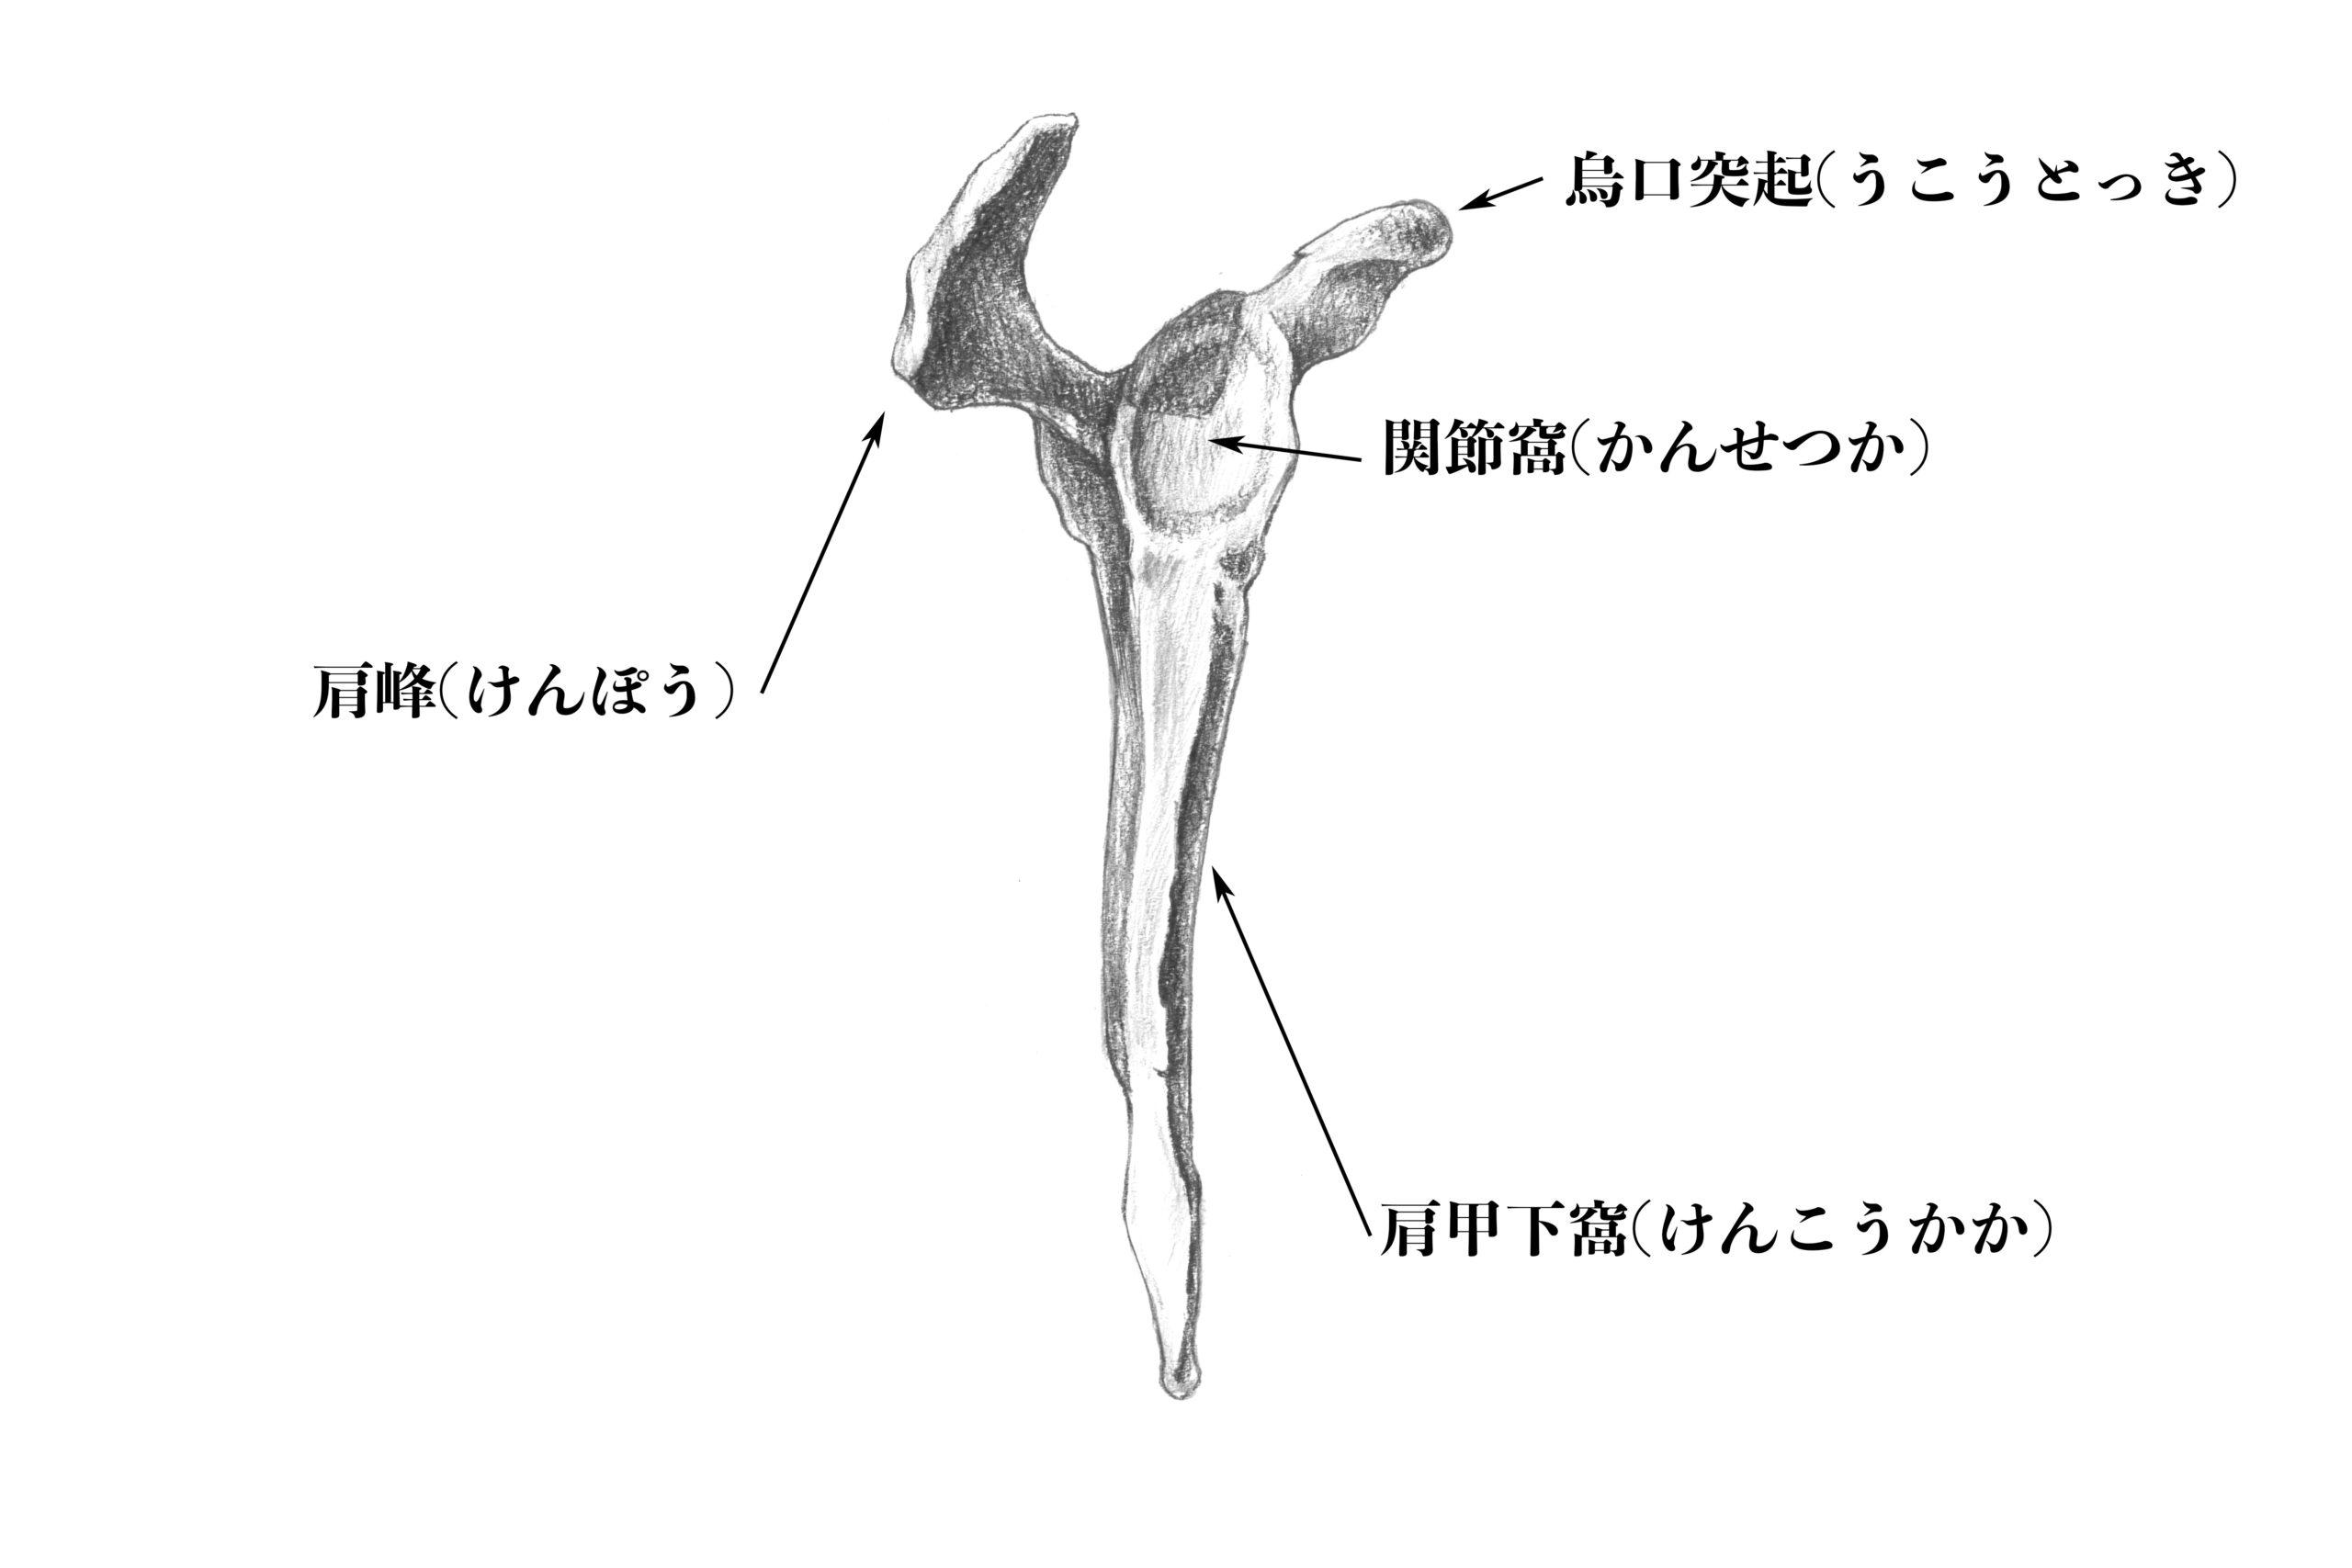 肩甲骨外側からのスケッチ